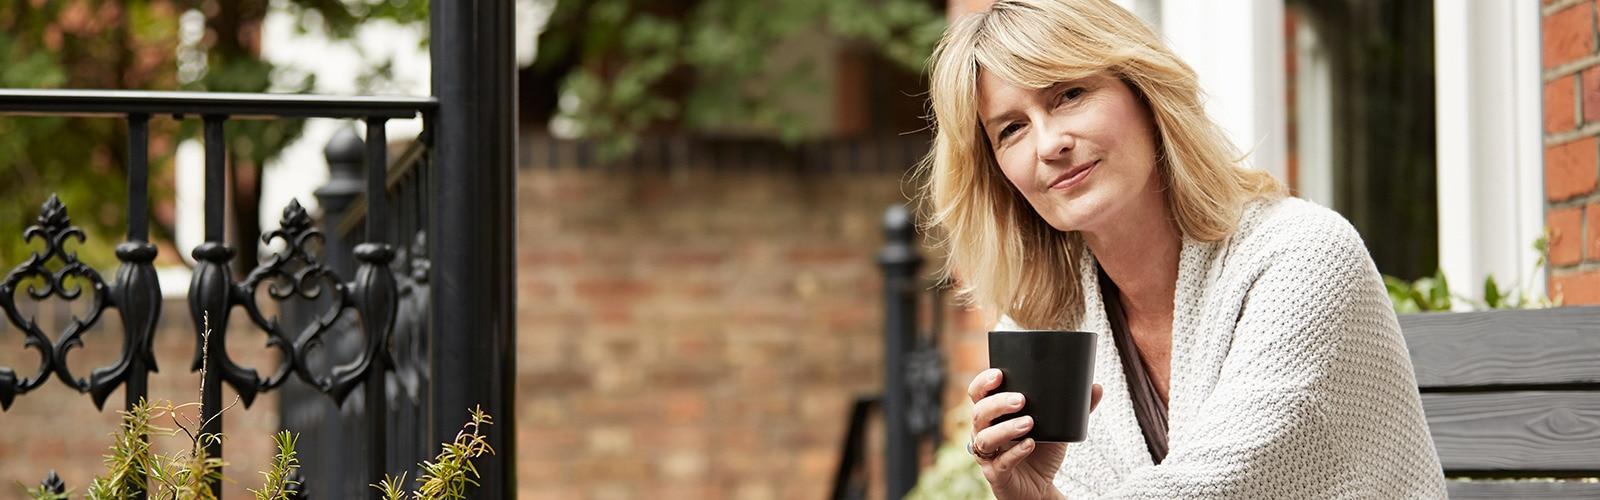 Žena si vychutnáva šálku čaju na terase pred tehlovým domom